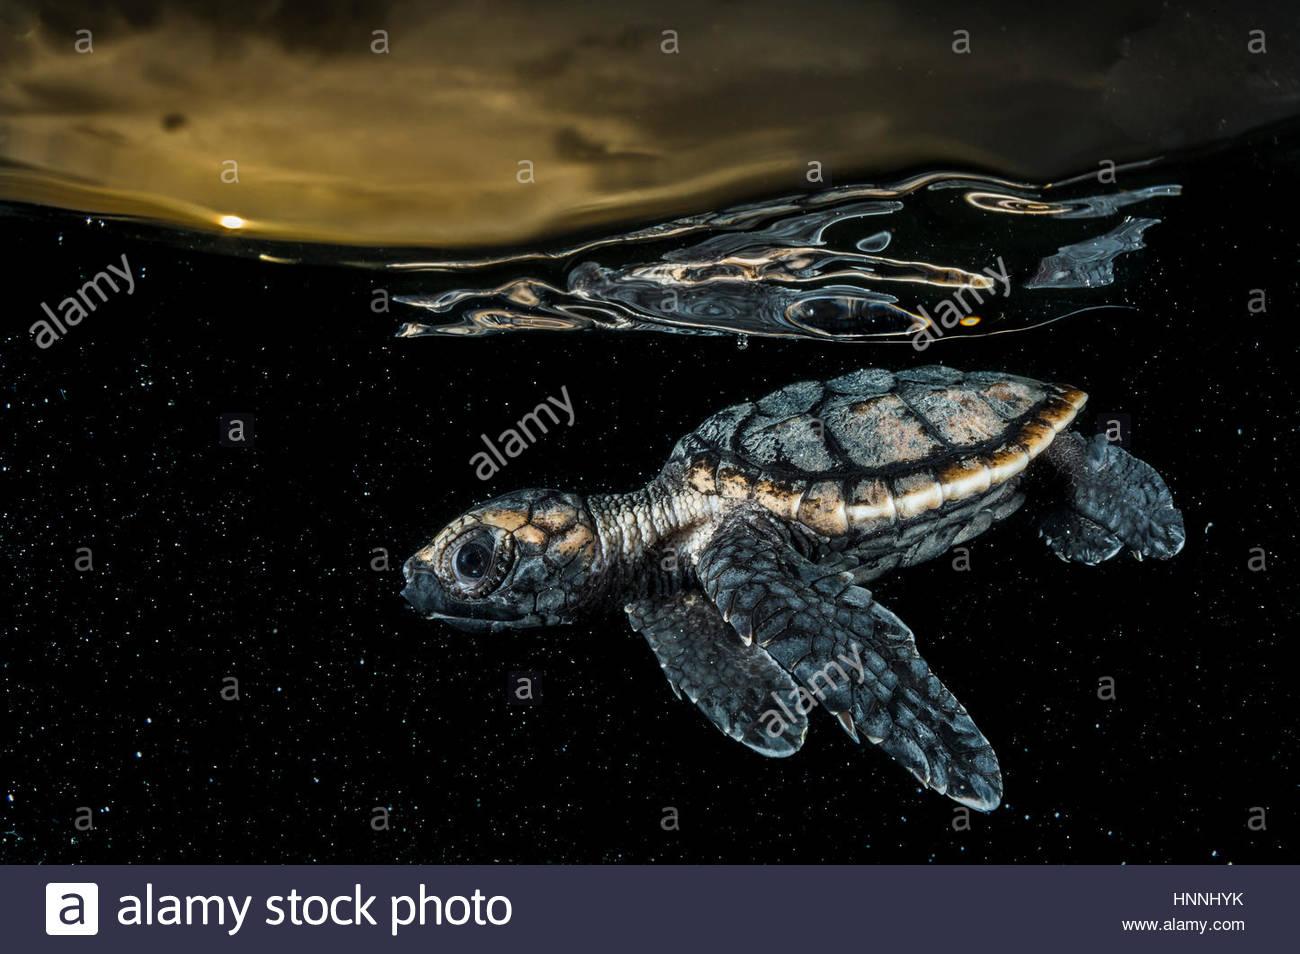 Eine vom Aussterben bedrohte Hawksbill Schildkröten Jungtier Eretmochelys schuppige, Paddel vom Ufer entfernt. Stockbild